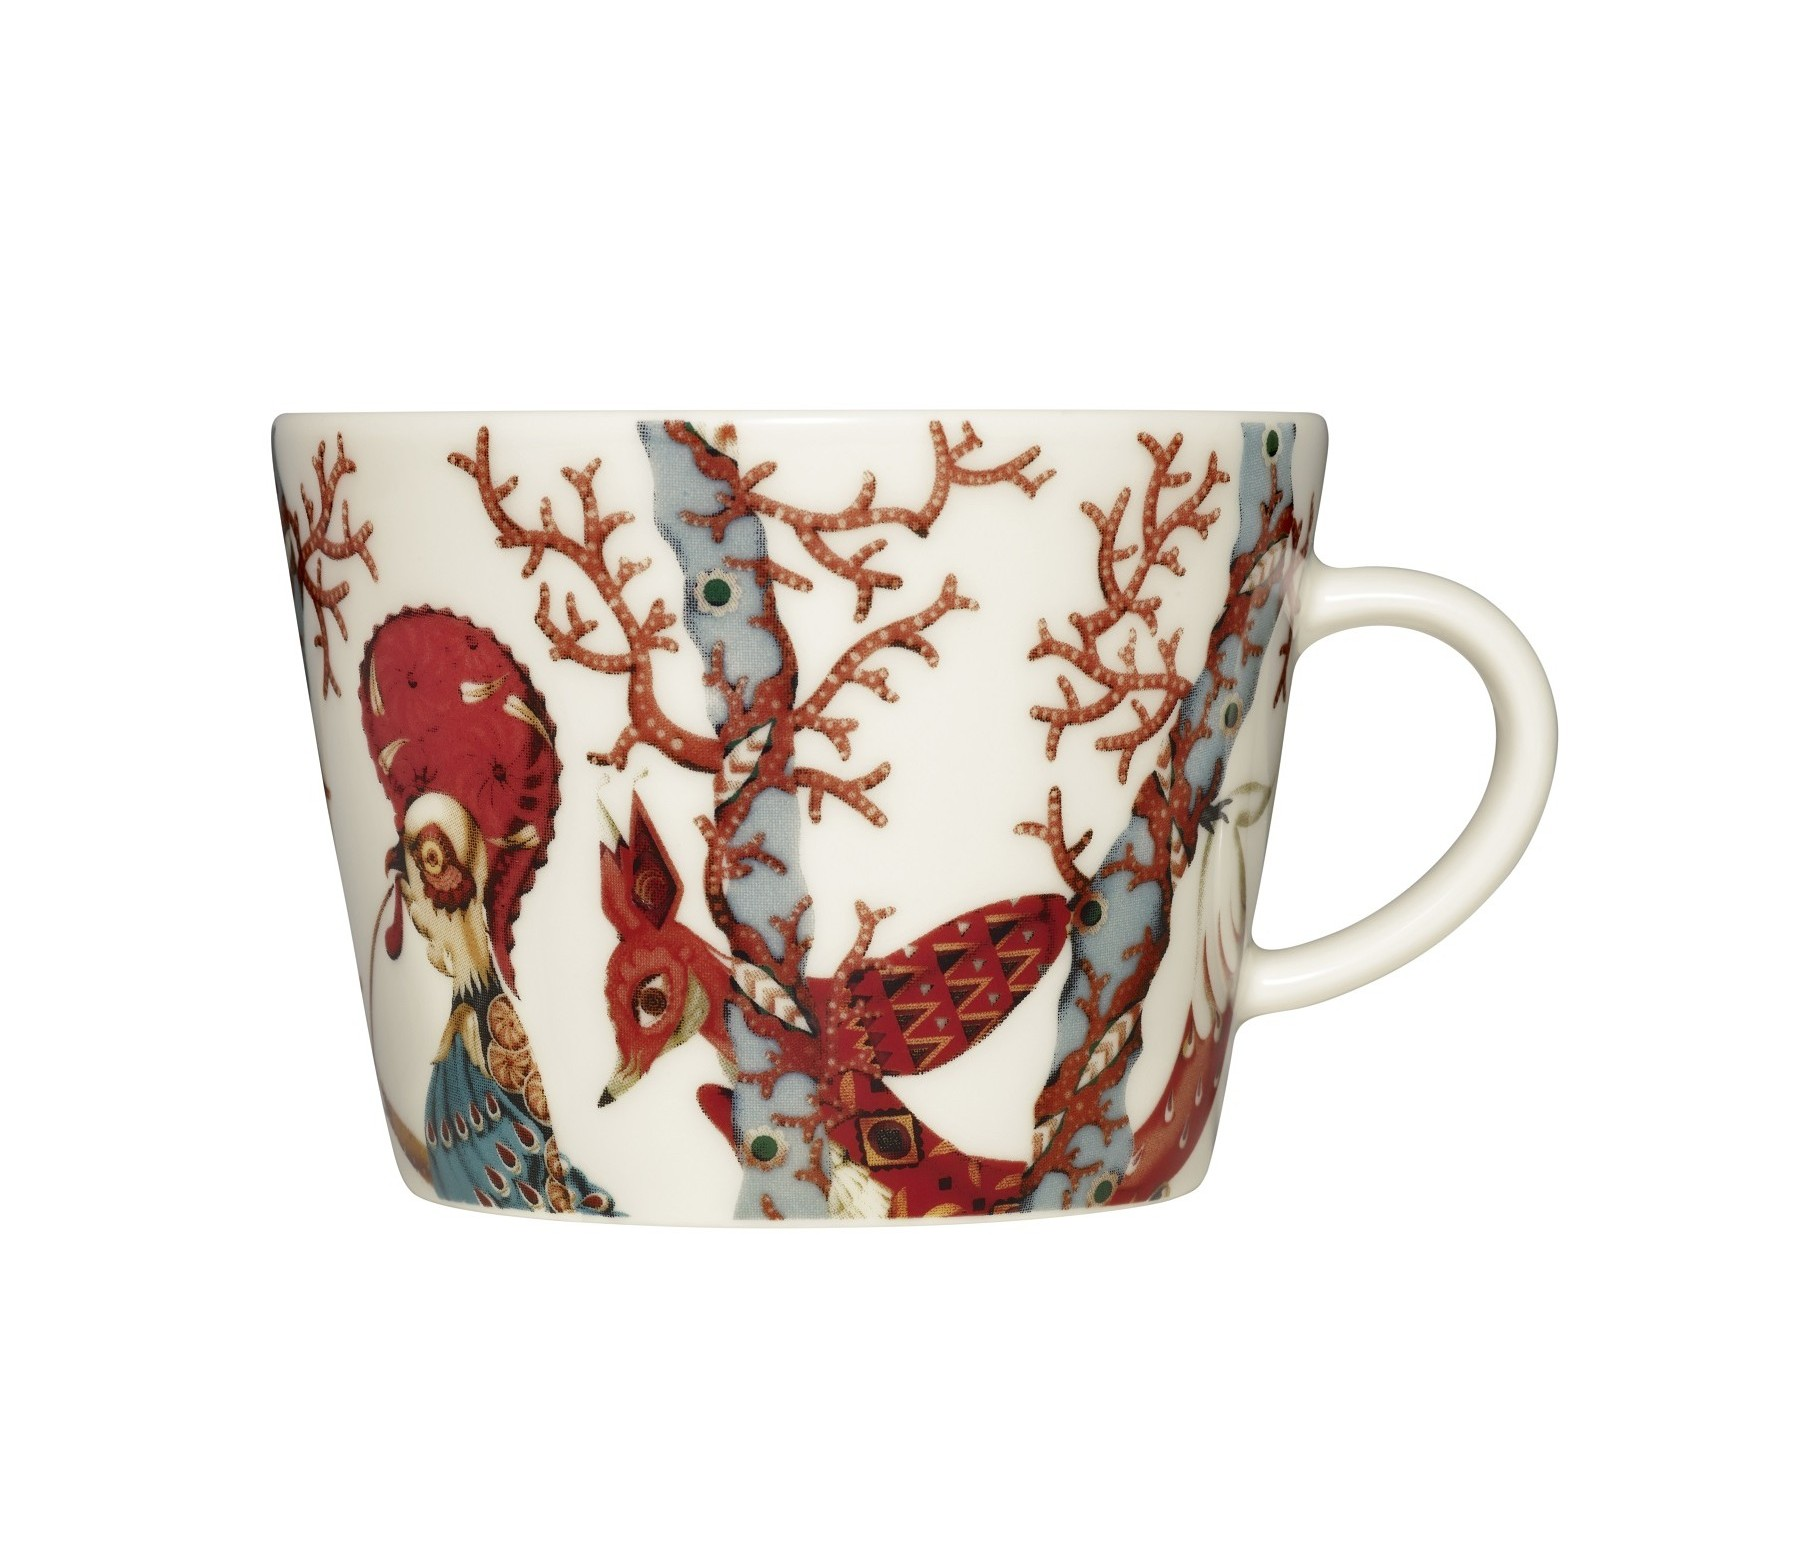 Чашка для кофе TanssiЧайные пары и чашки<br>Tanssi, что означает «танец» на финском языке - это новая коллекция, которую создал знаменитый финиский дизайнер и иллюстратор Klaus Haapaniemi. Klaus вводит мифологию в повседневную посуду, которая станет прекрасным дополнением к любой коллекции Iittala.<br><br>Material: Фарфор<br>Length см: None<br>Width см: 11<br>Depth см: 9<br>Height см: 6<br>Diameter см: None